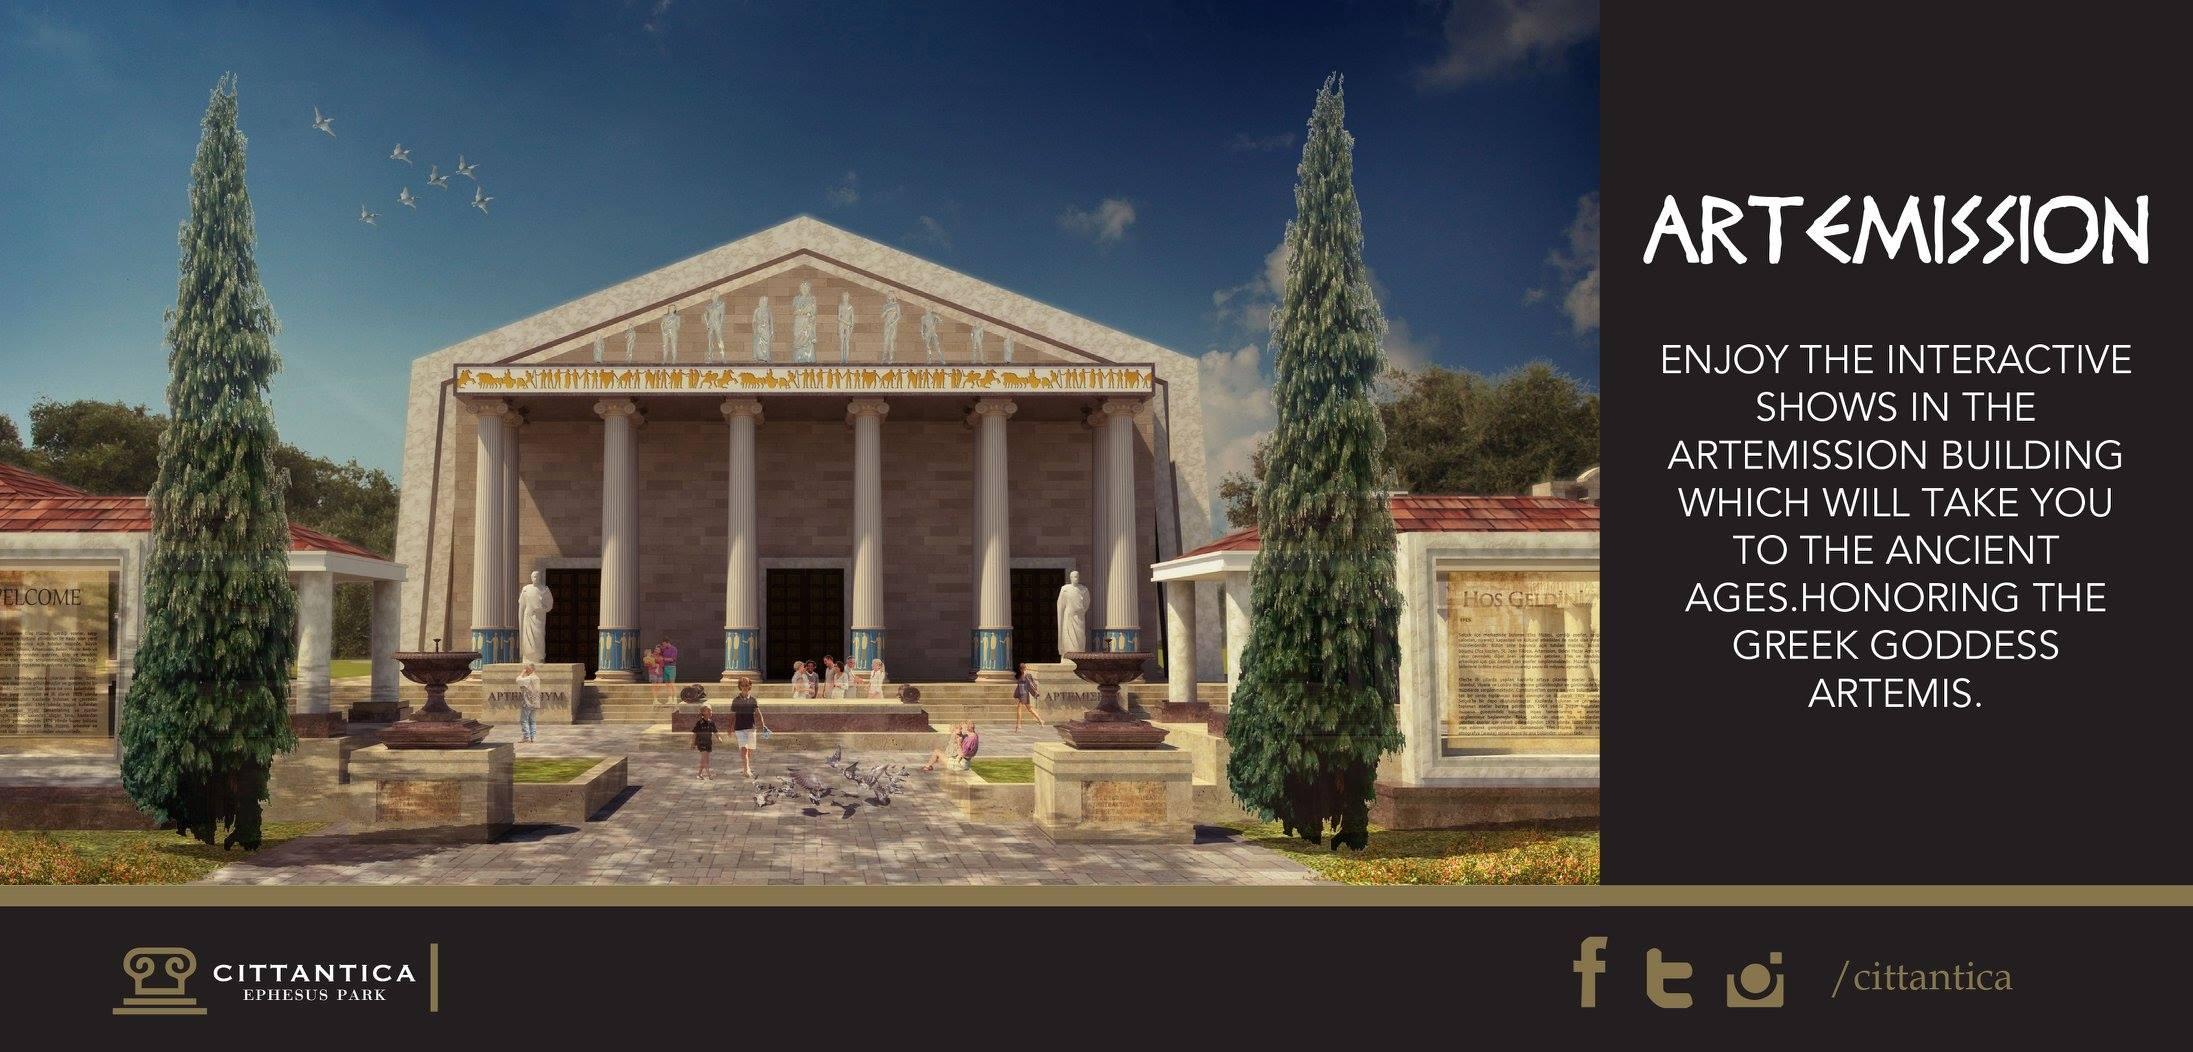 Cittantica-Ephesus-Park (16)